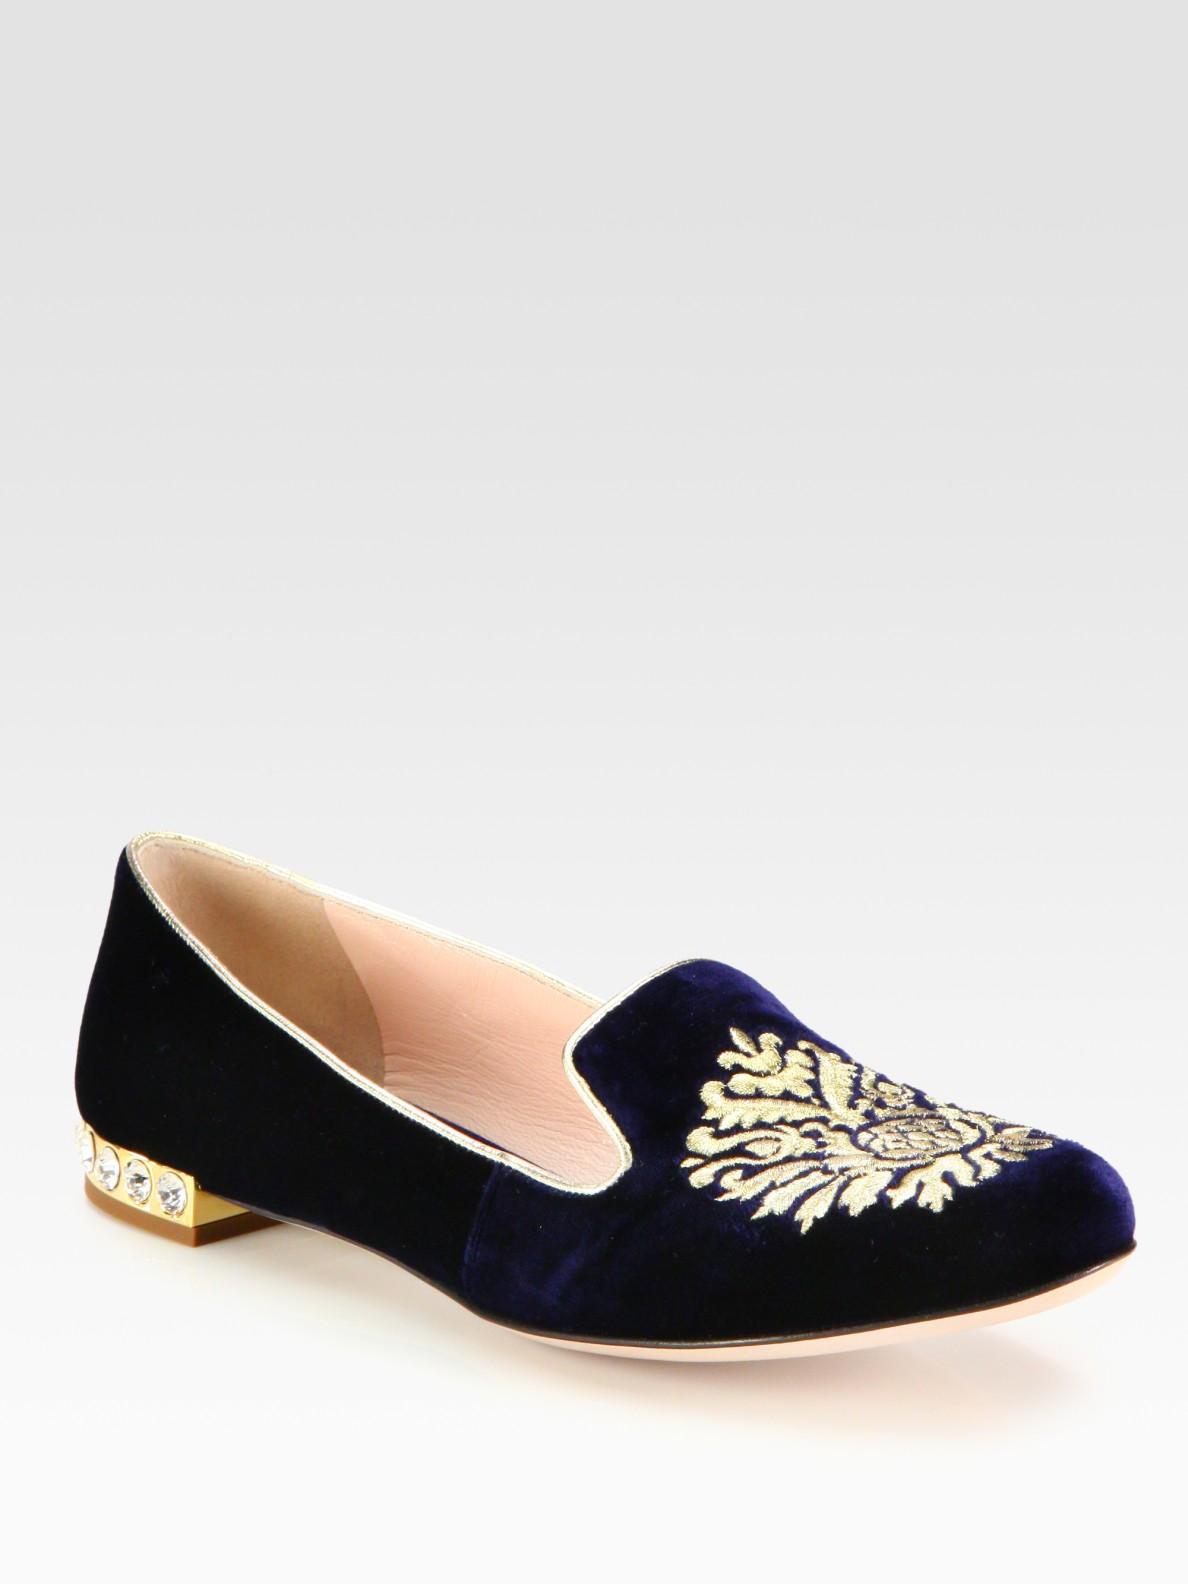 a3833cb94bbb0 Lyst - Miu Miu Velvet Jewel Smoking Slippers in Blue